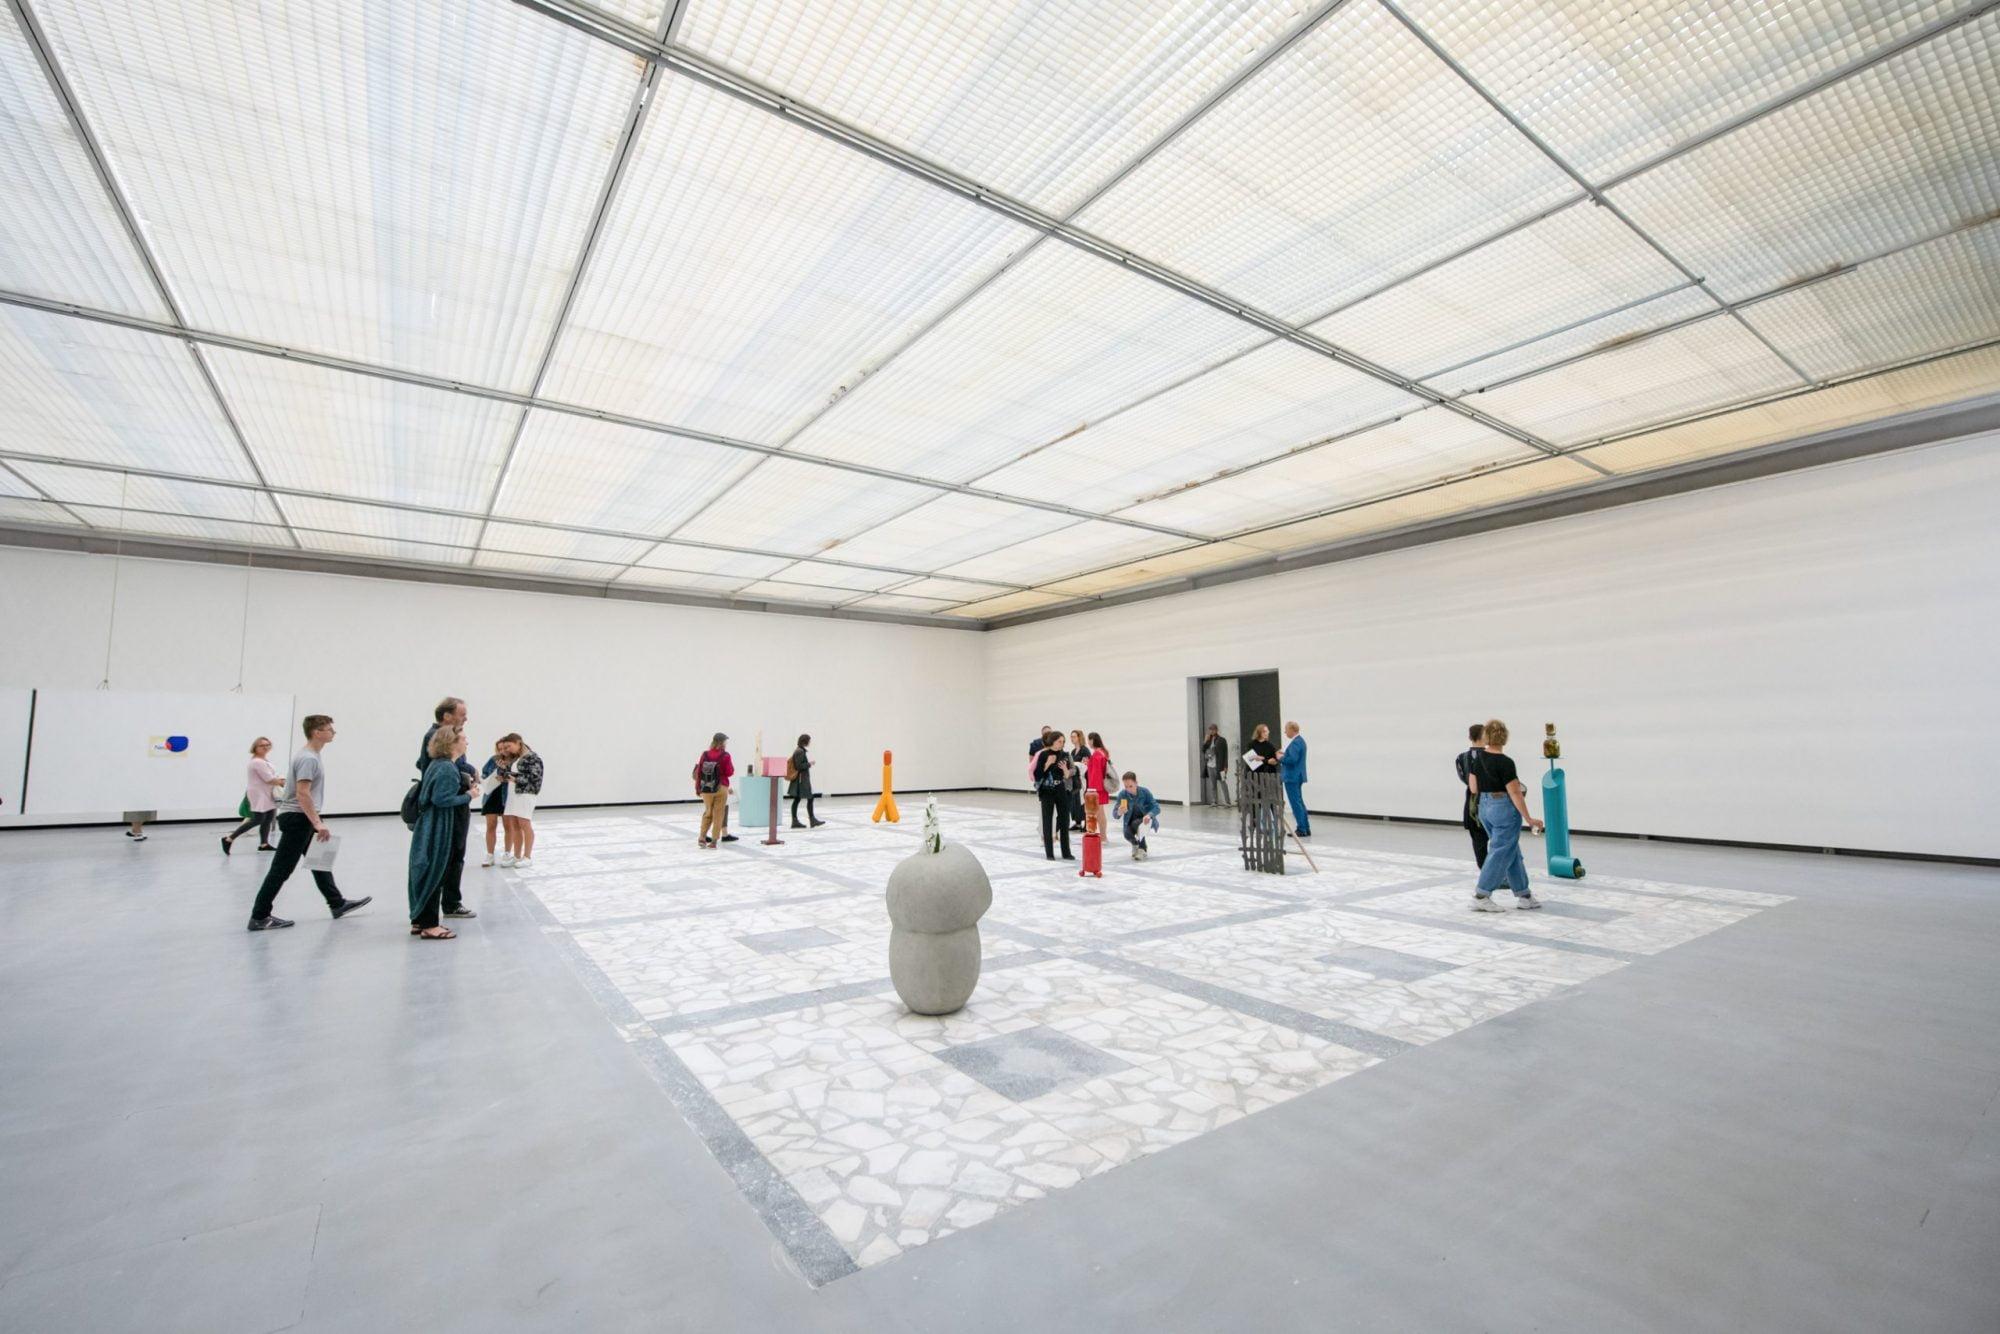 Lankytojams atsiveria muziejai ir galerijos: turės laikytis griežtų sąlygų